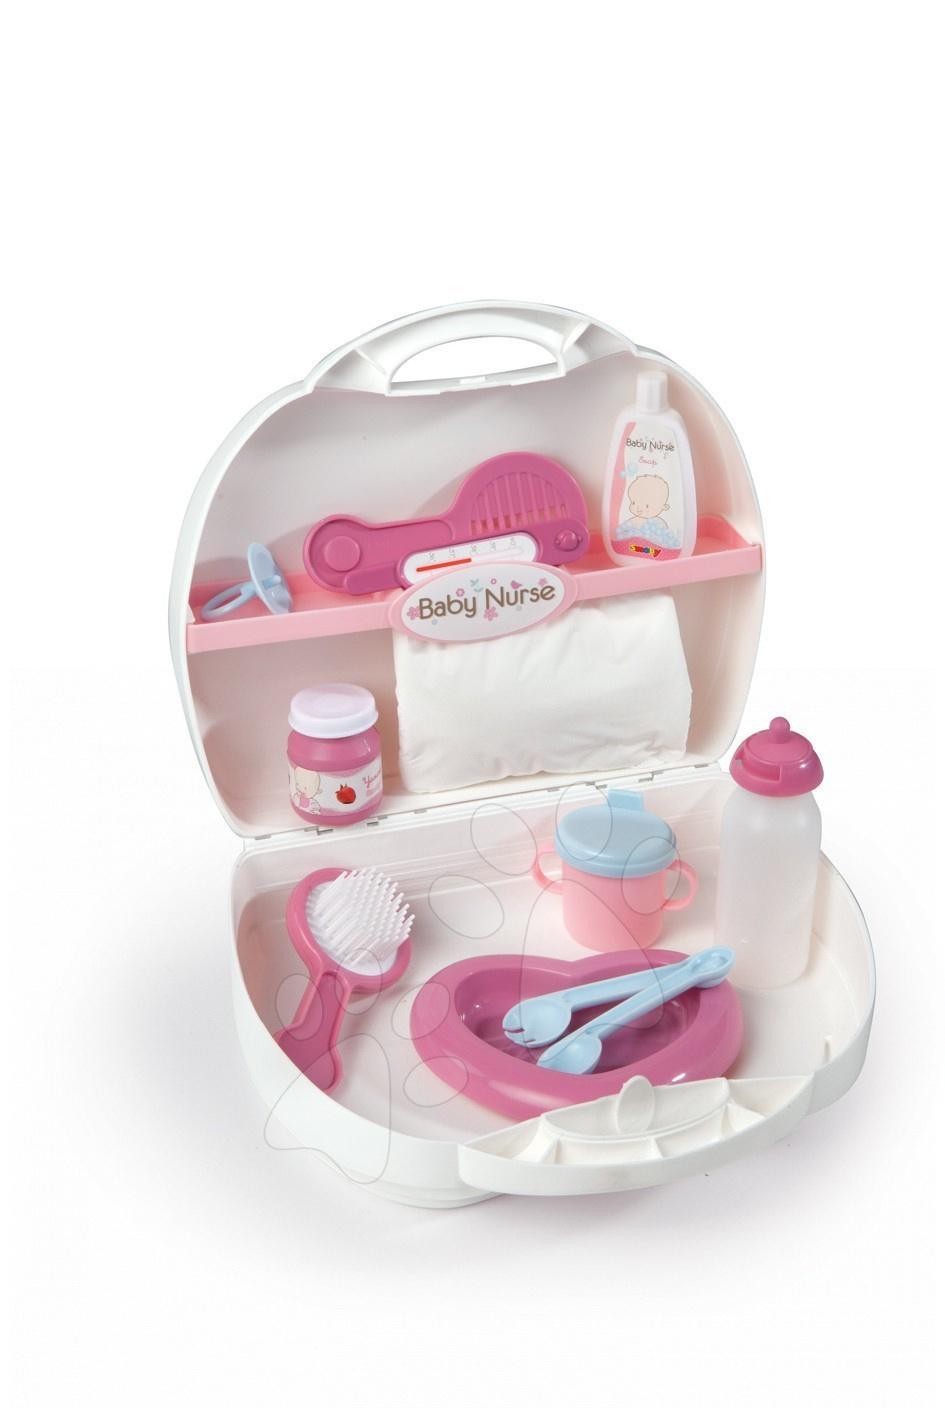 Doplnky pre bábiky - Biely prebaľovací set Baby Nurse Smoby pre bábiku v kufríku pre bábiku v kufríku